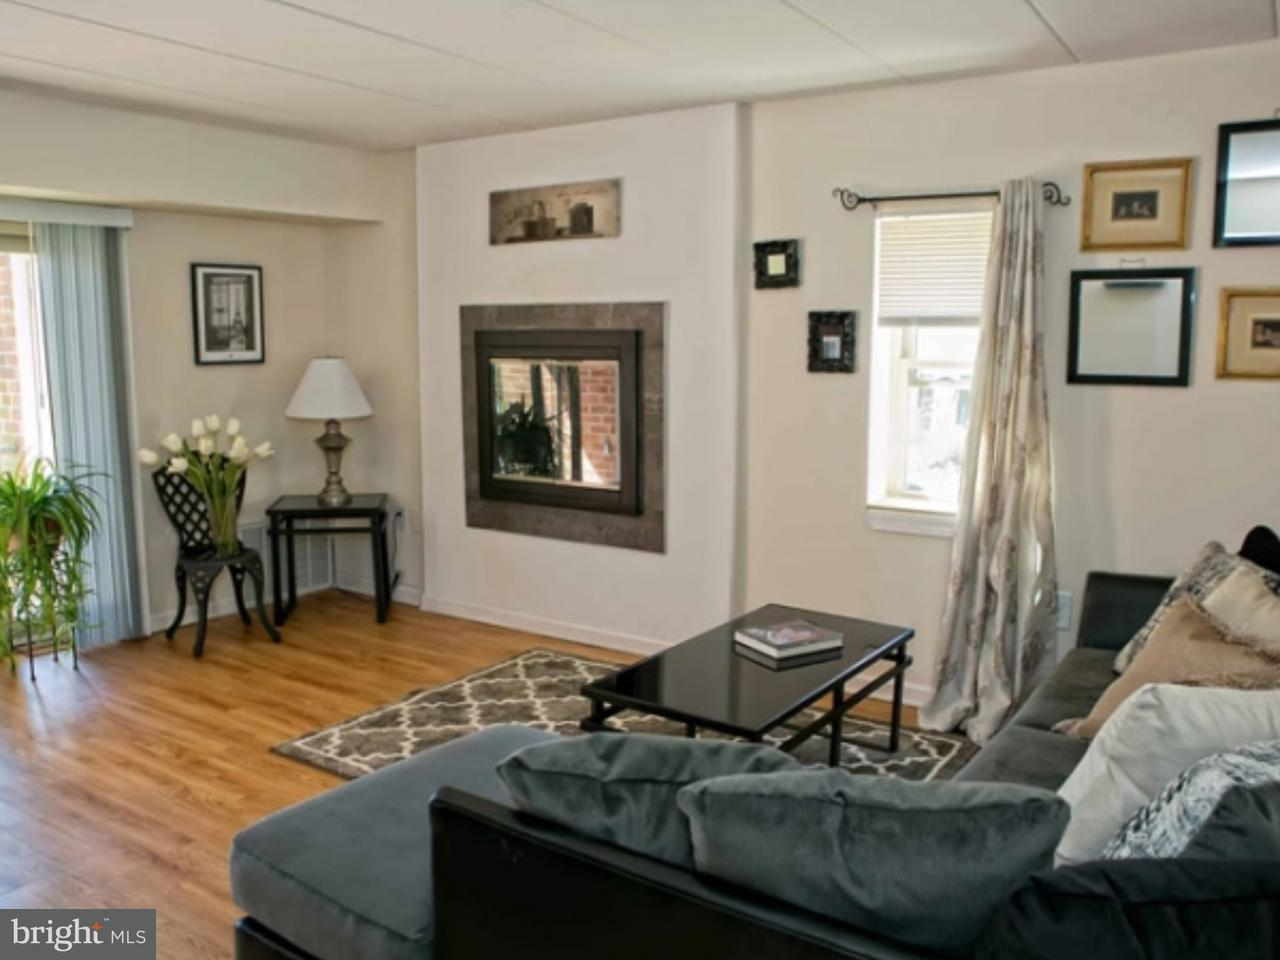 独户住宅 为 出租 在 274 GLEN RIDDLE RD #E105 Media, 宾夕法尼亚州 19063 美国